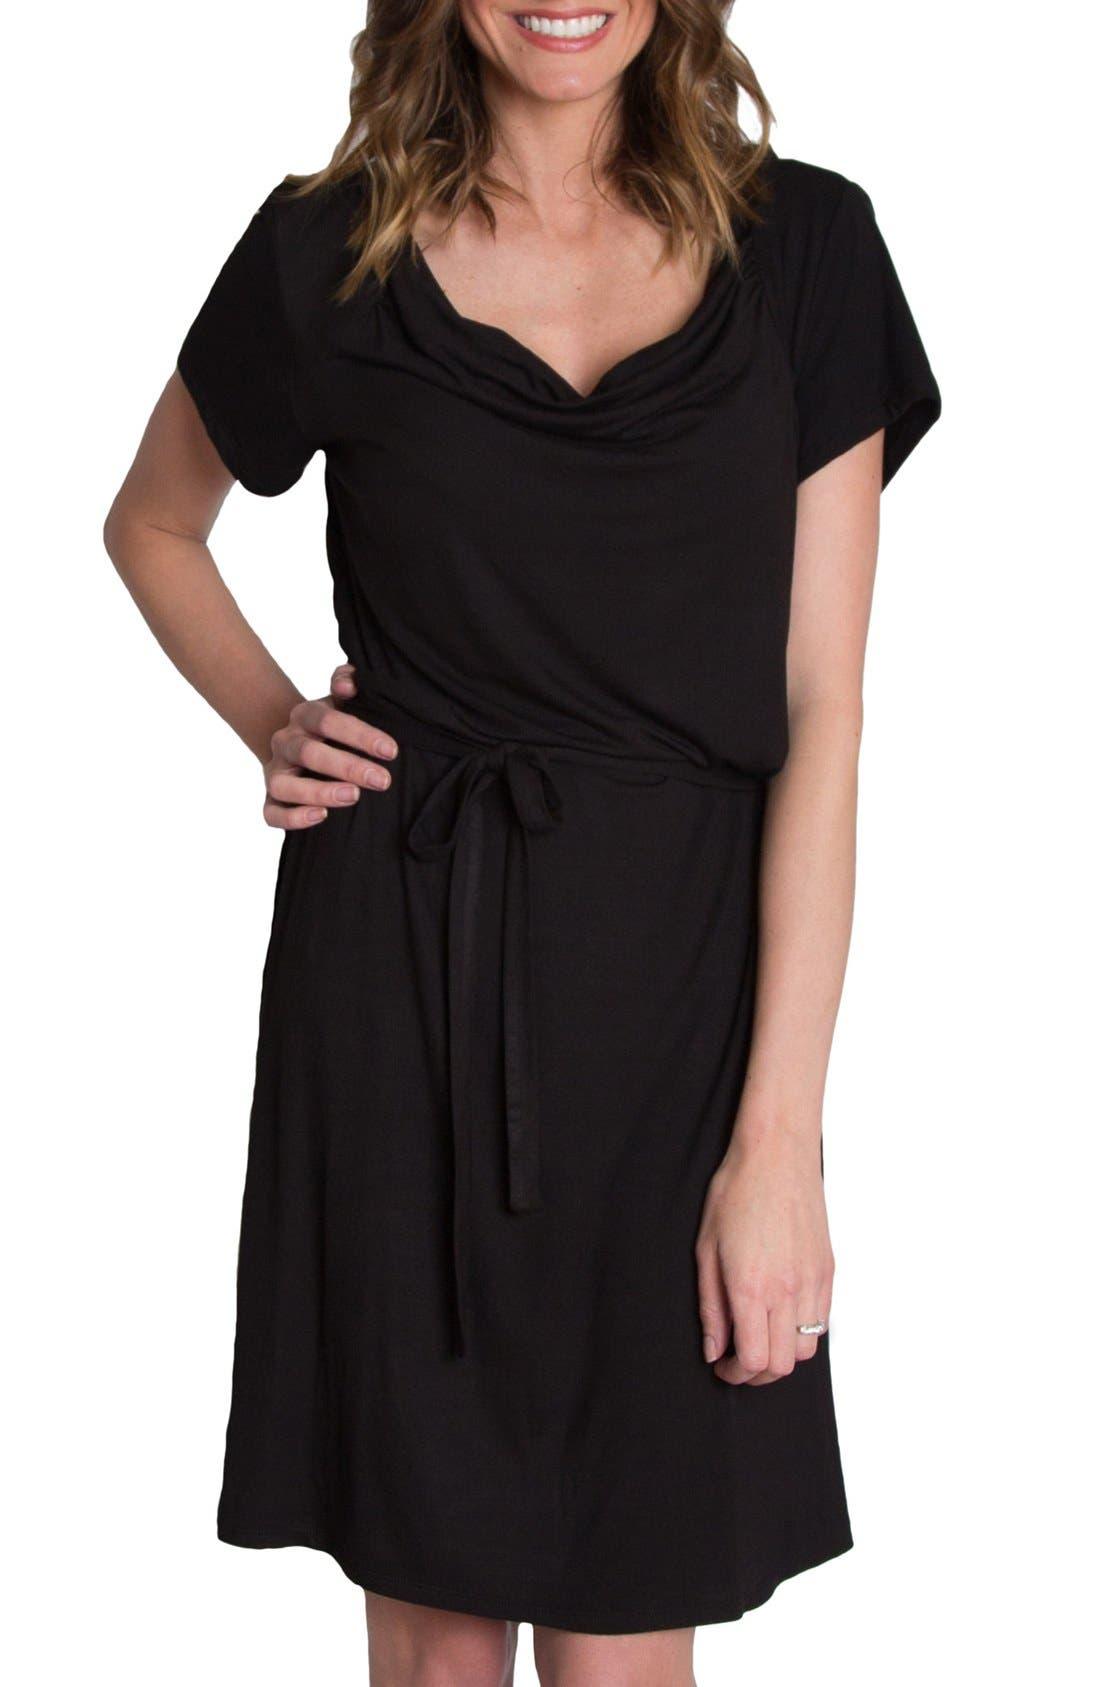 'Chic' Cowl Neck Nursing Dress,                         Main,                         color, BLACK